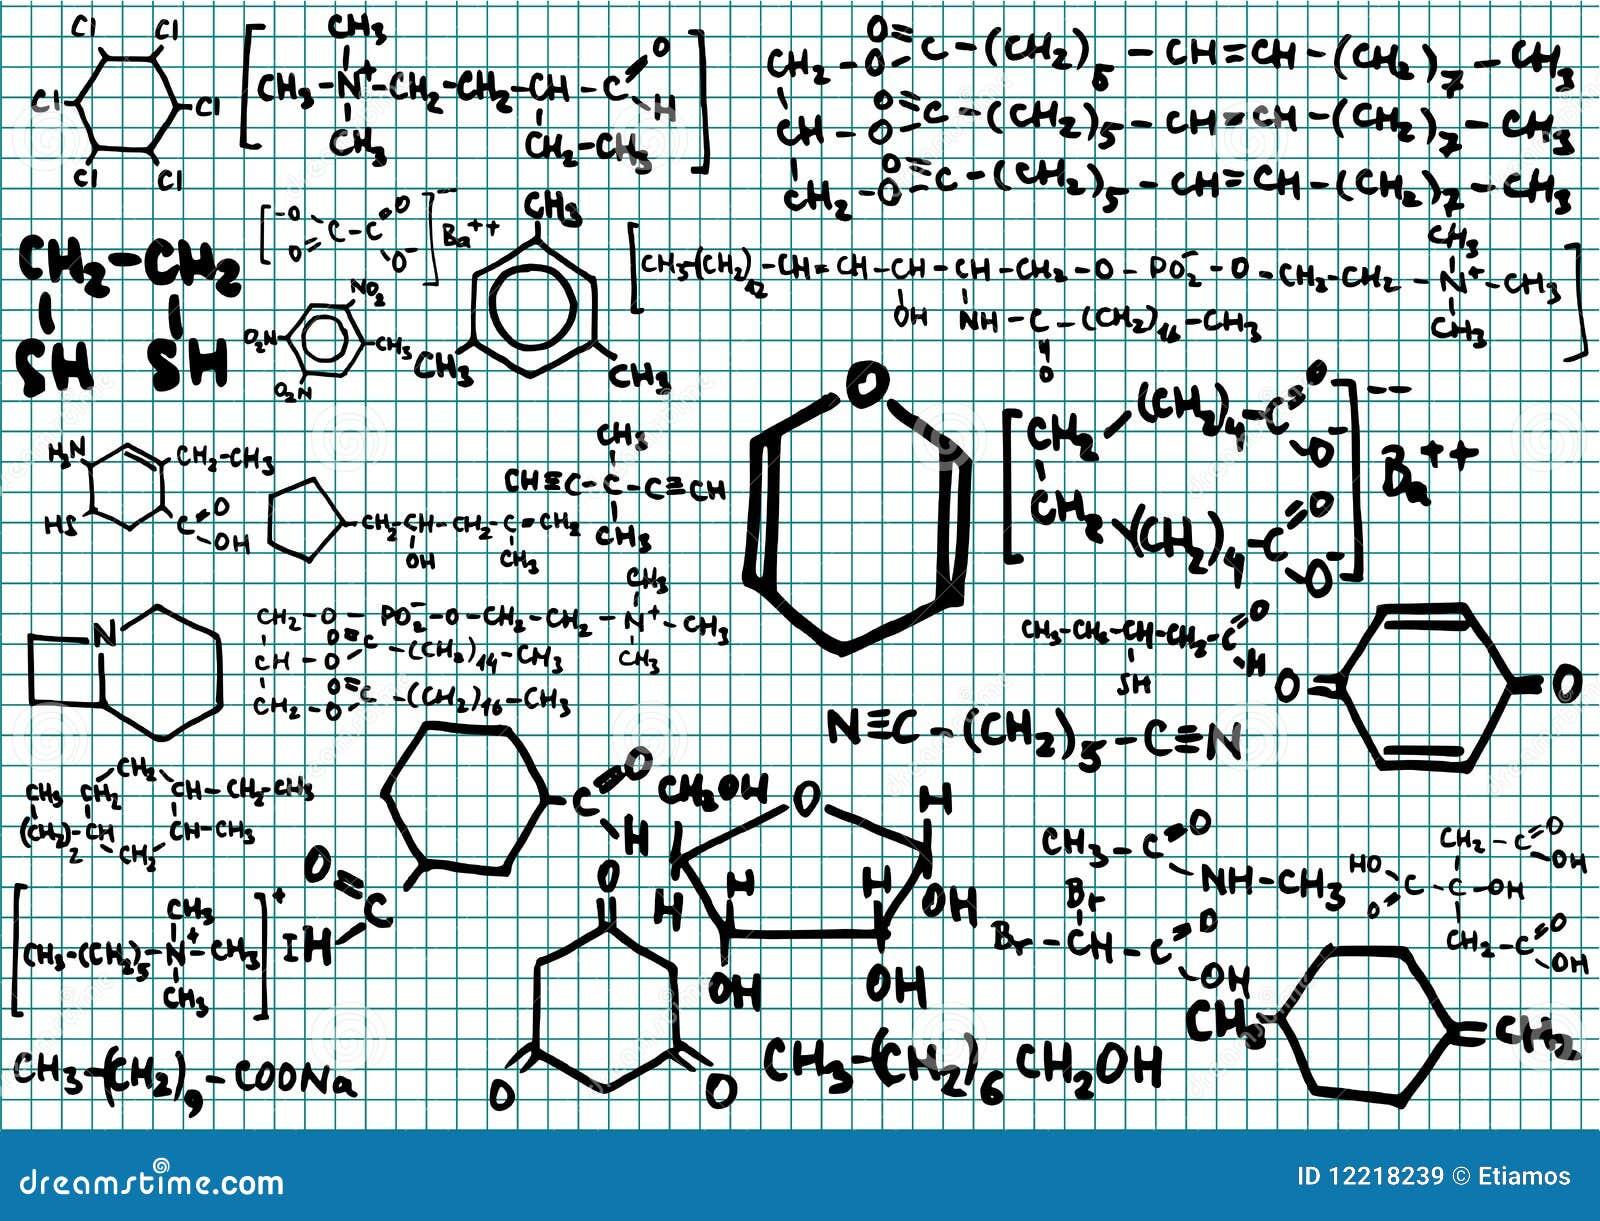 Regiegroep chemie business plan